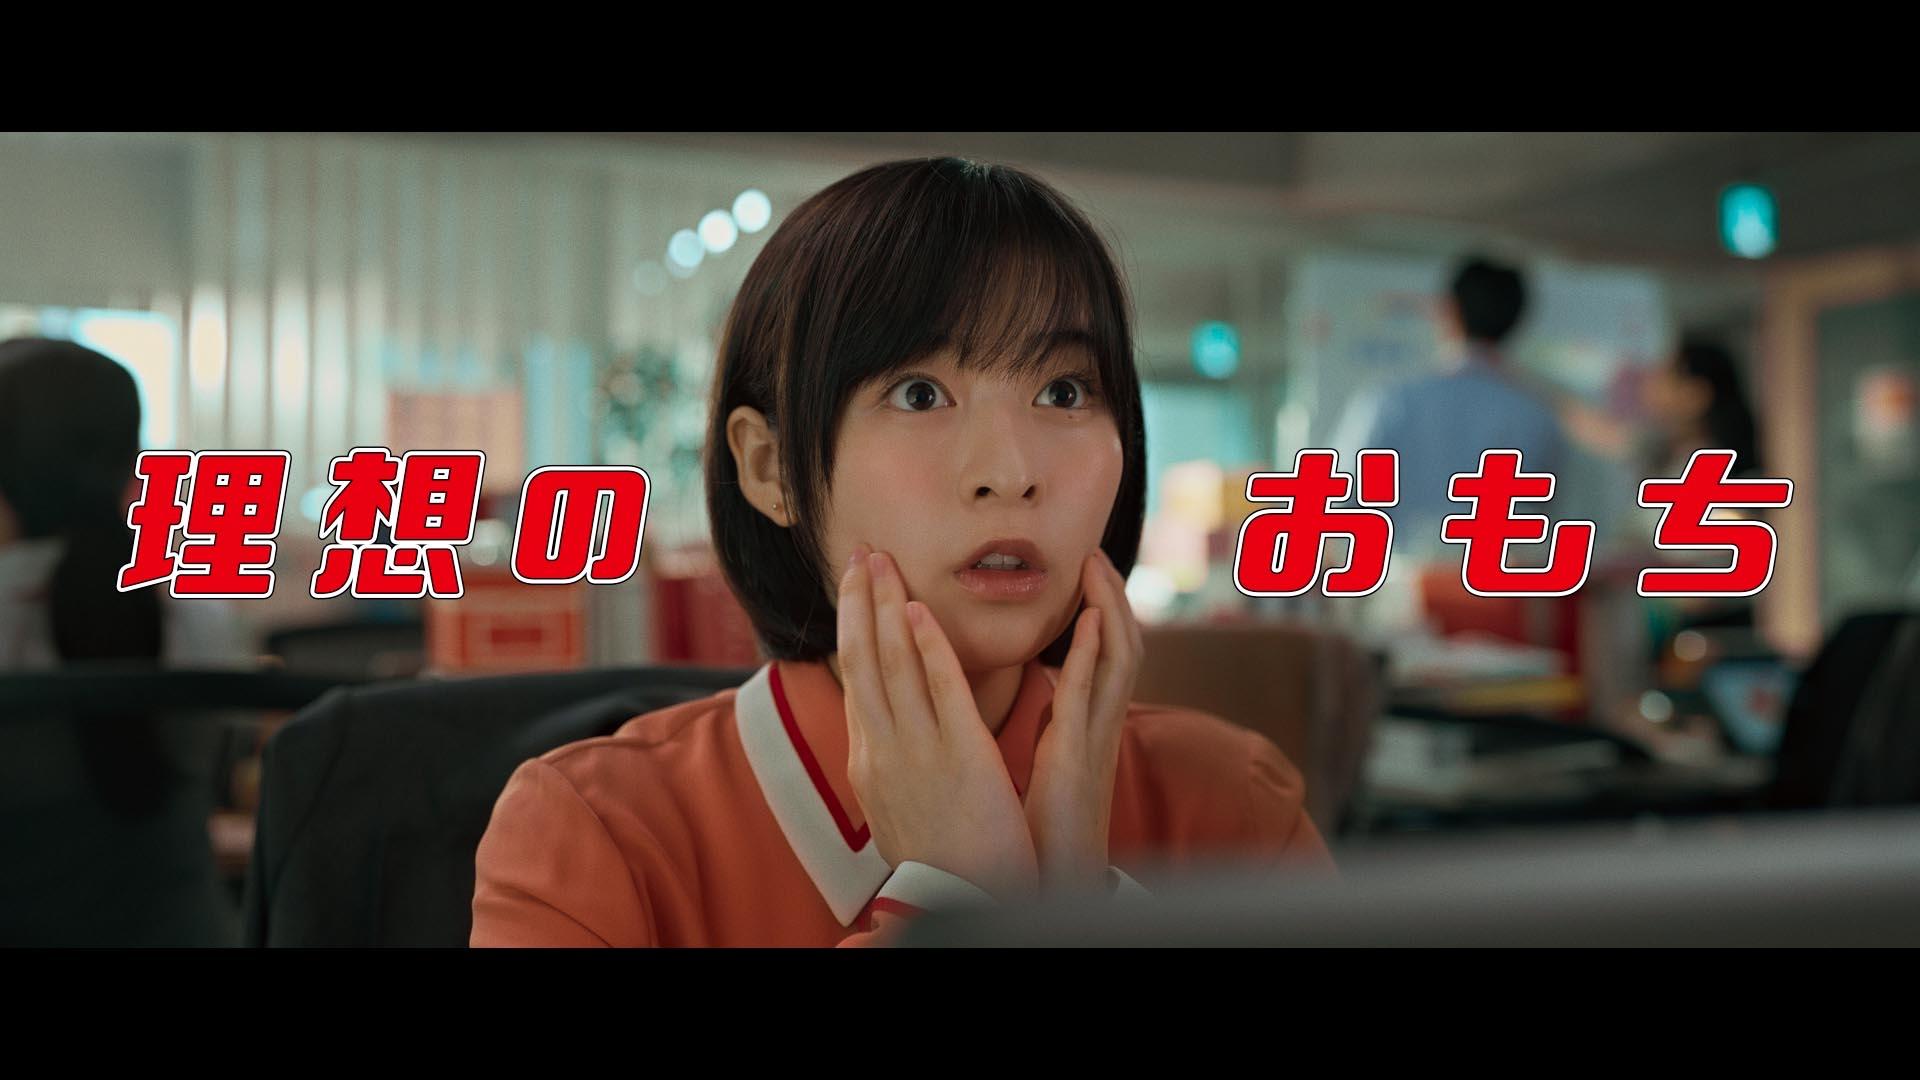 【悲報】森七菜、めちゃくちゃ可愛いのにまんさんからの評判が悪すぎる